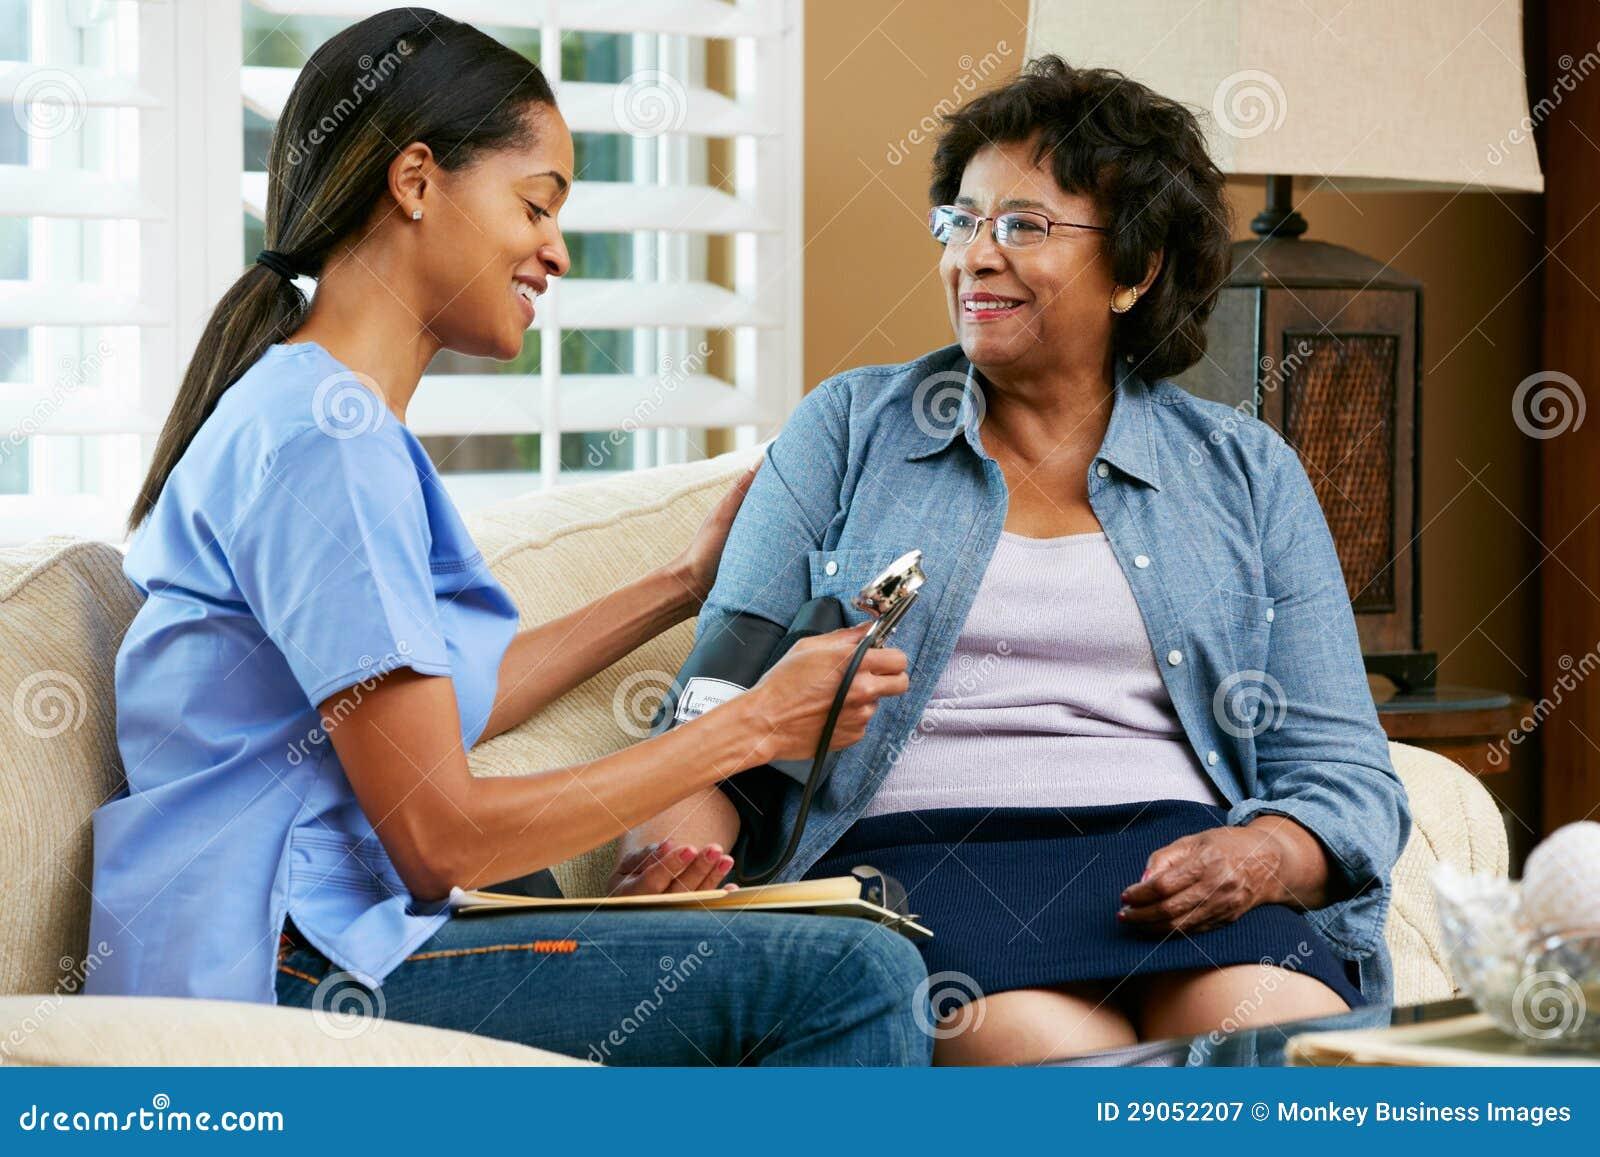 Pielęgniarka Odwiedza Starszego Żeńskiego pacjenta W Domu